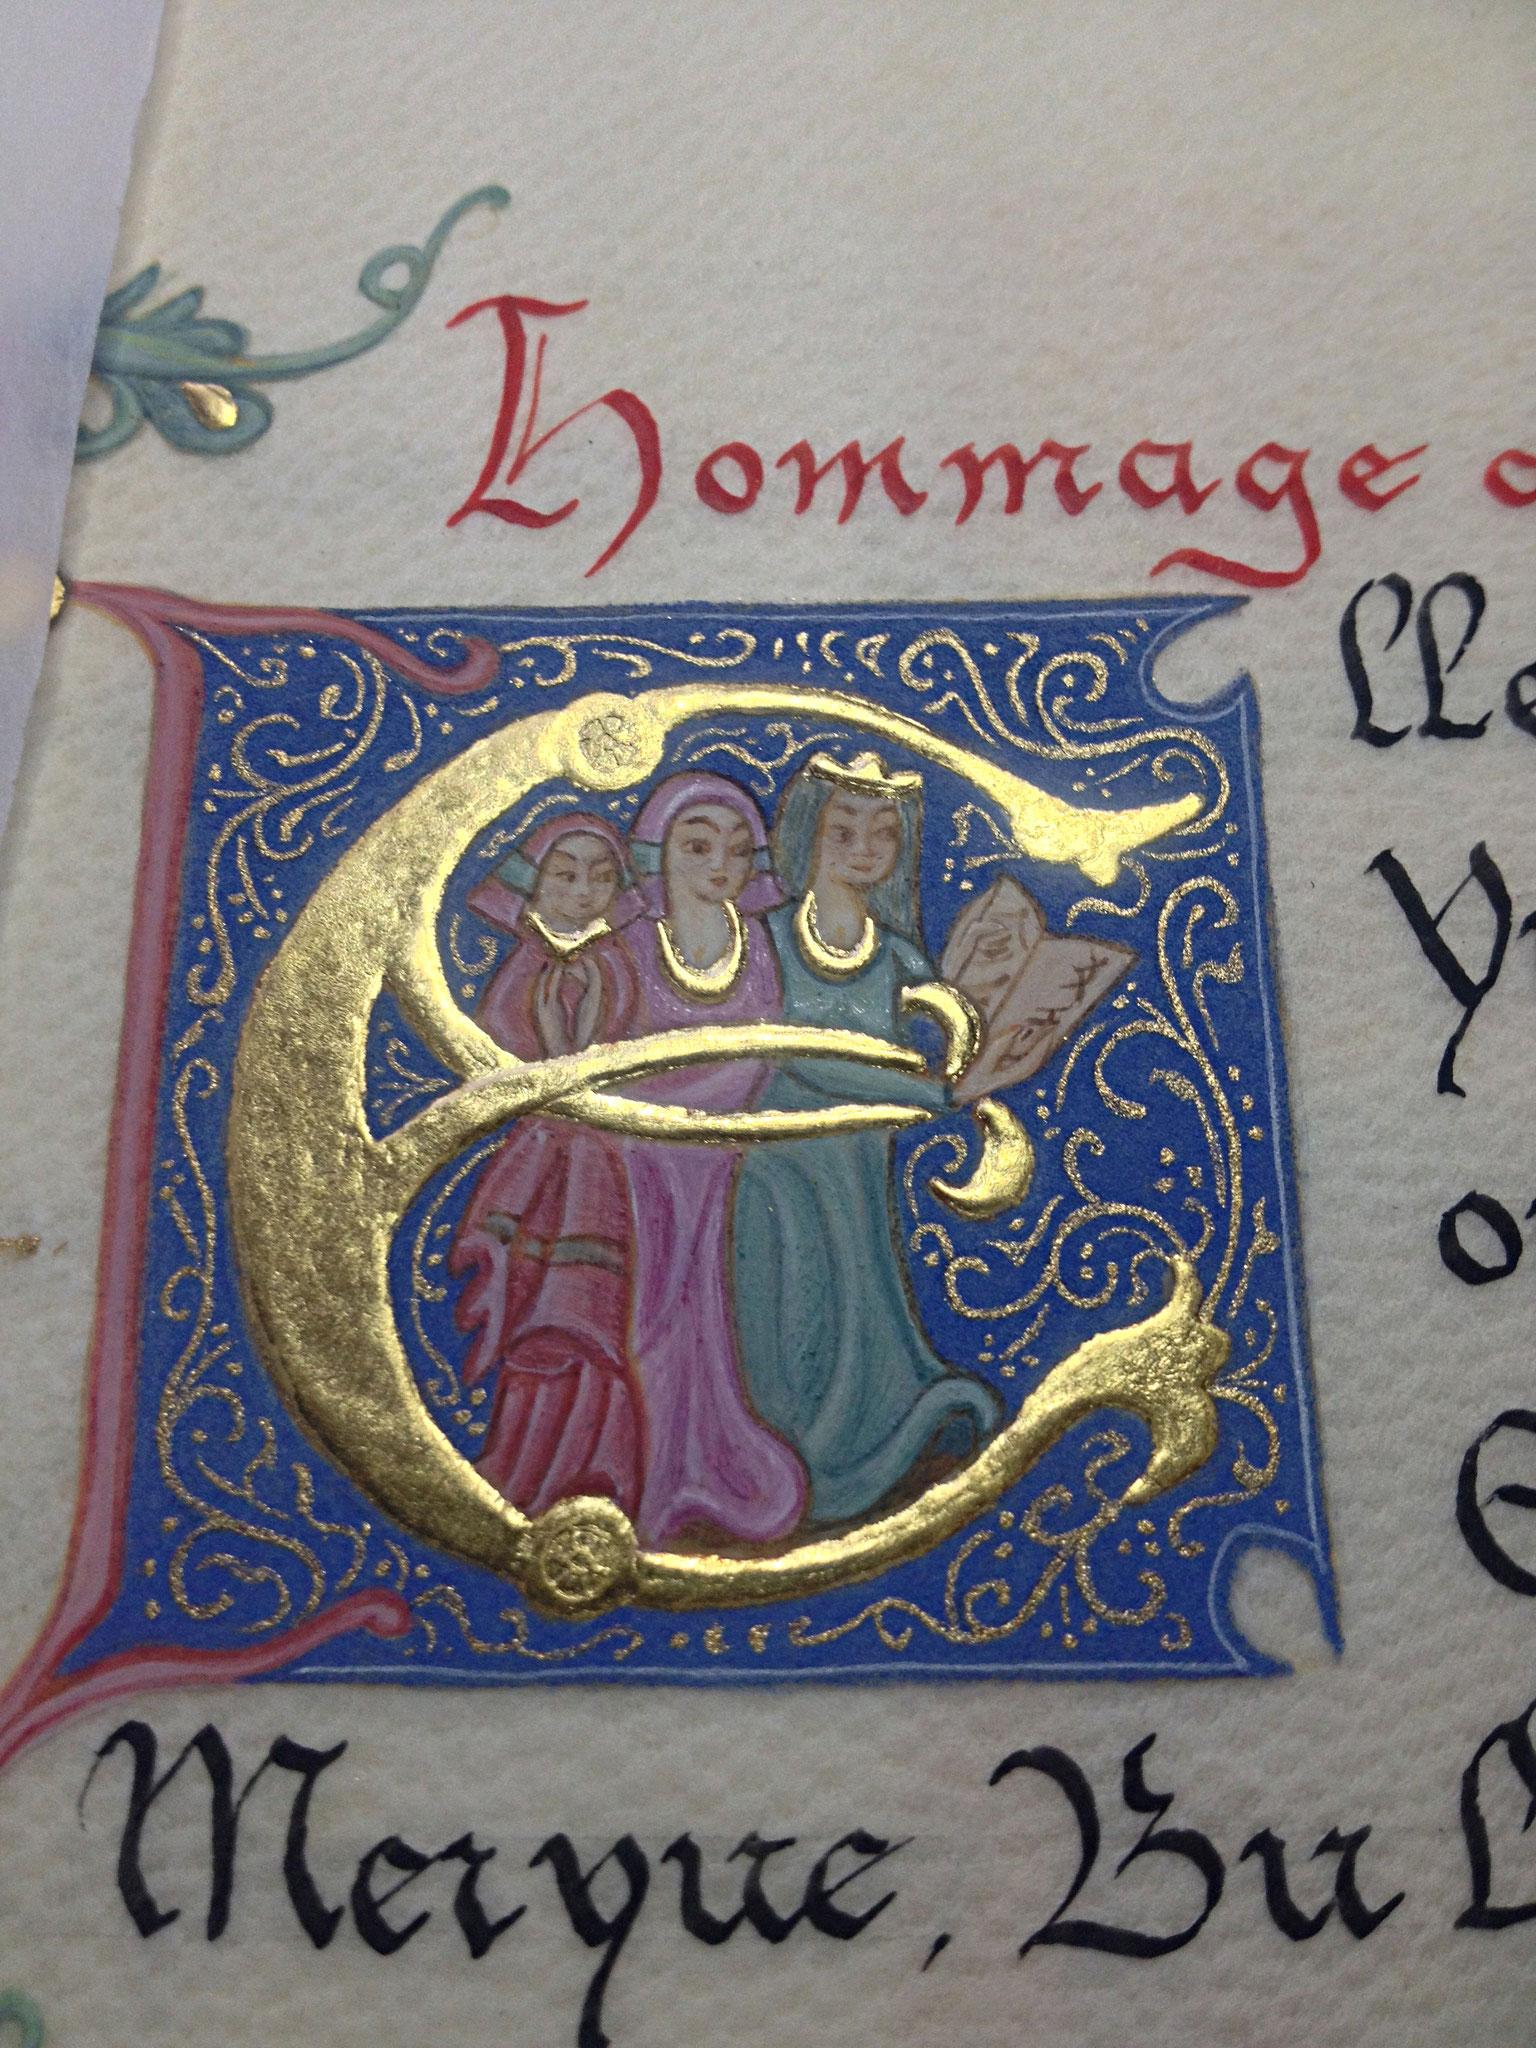 Initiale E historiée représentant les transmettrices sur un fond de lapis lazuli diapré d'or à la coquille